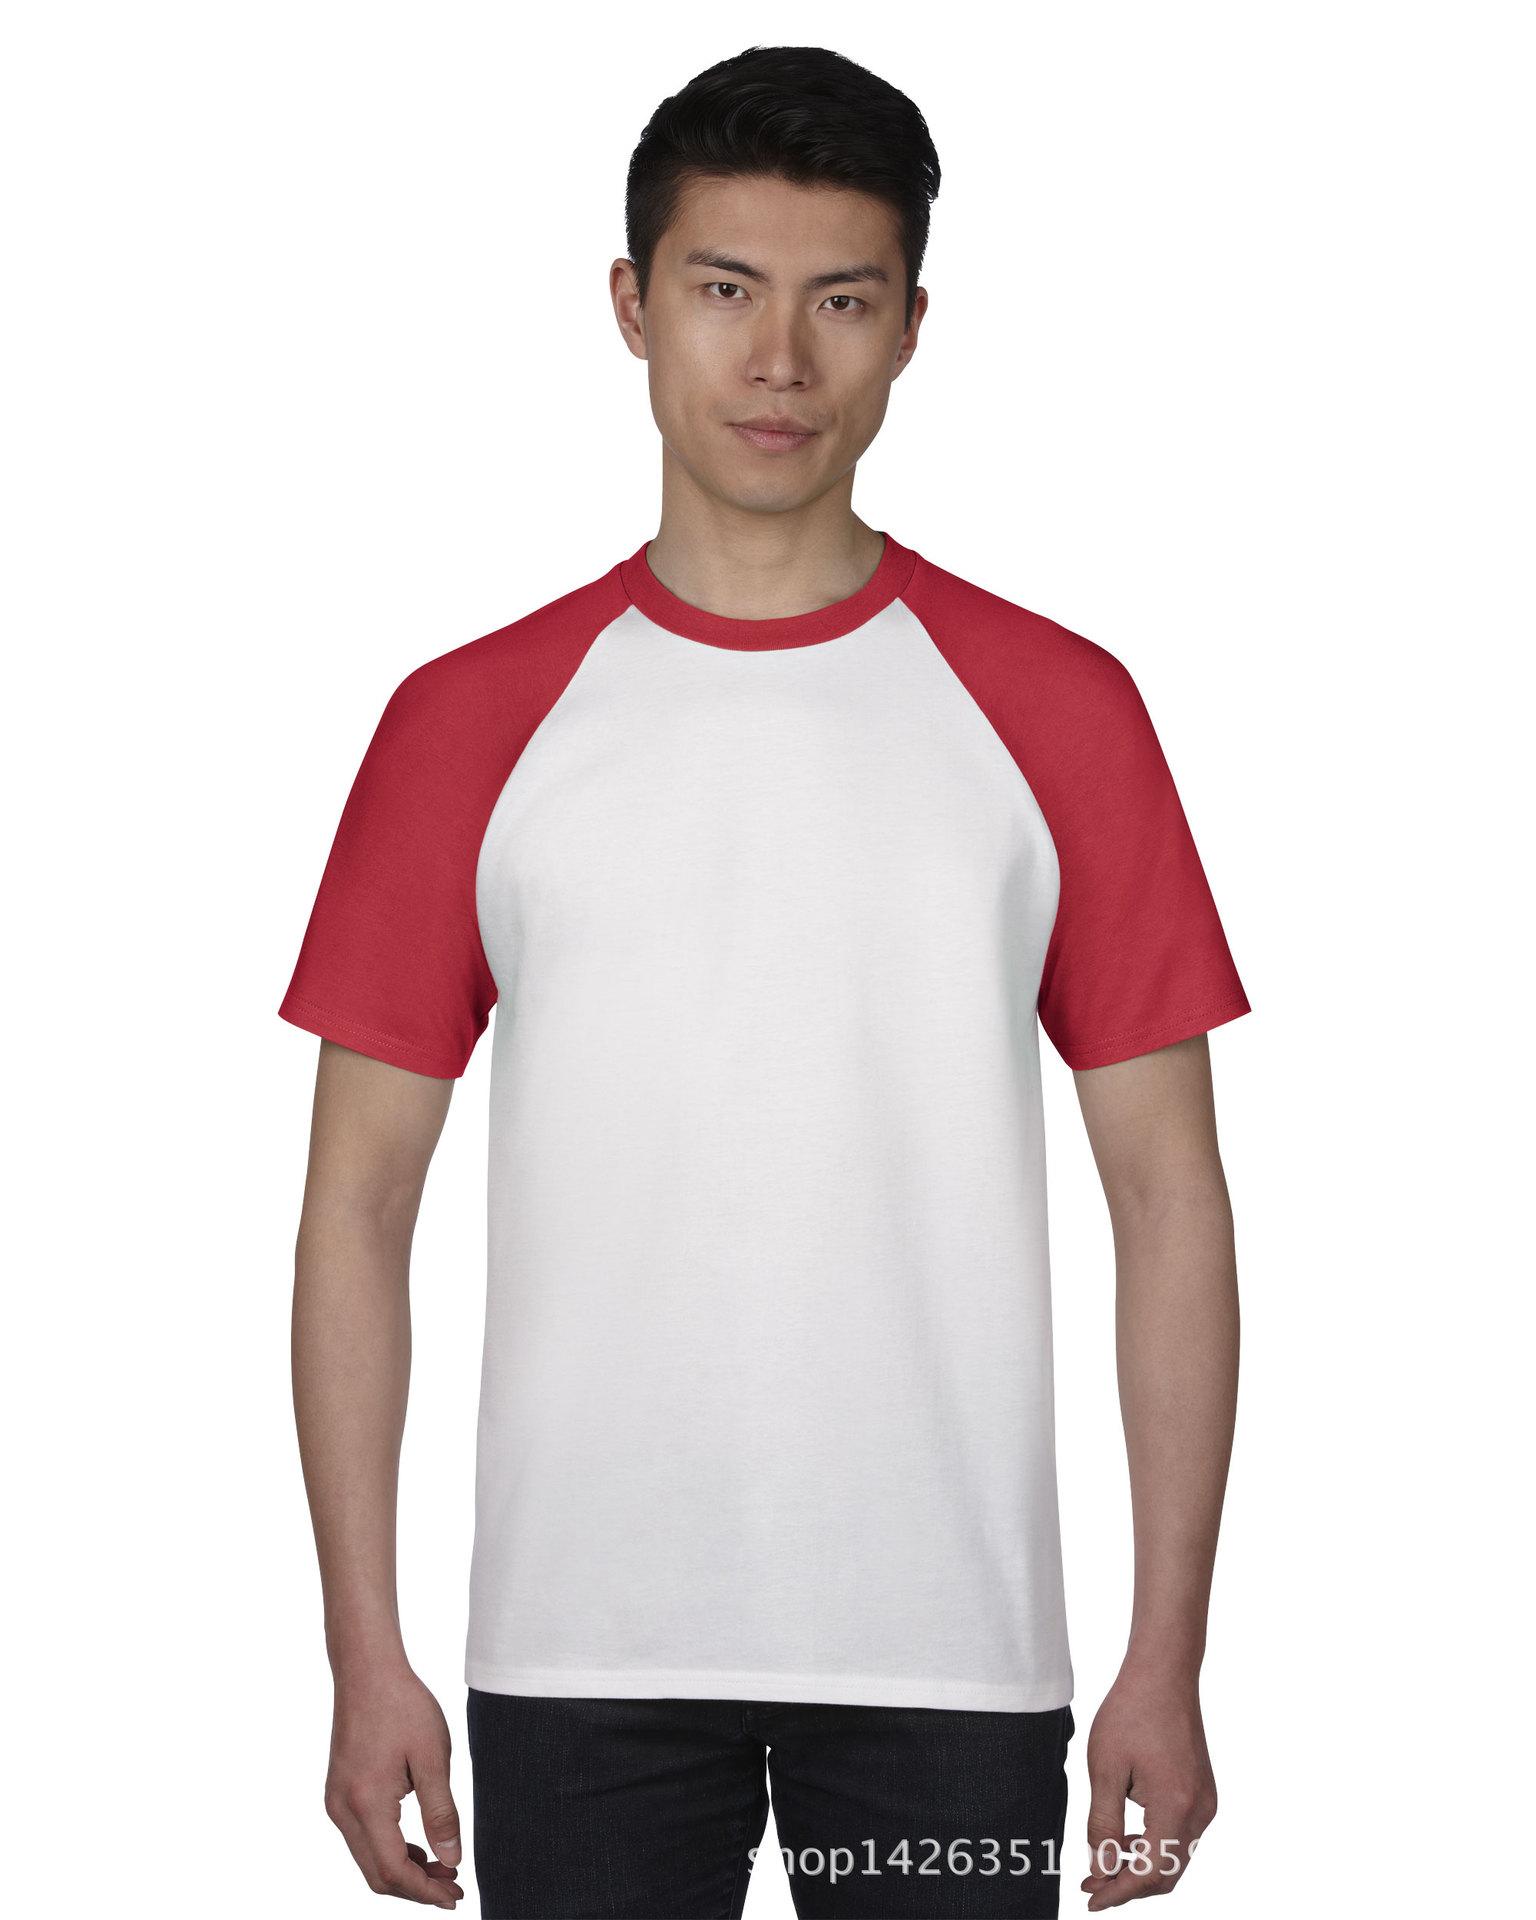 订做空白圆领纯棉t恤红色插肩短袖套头上衣夏薄款校服班服运动装